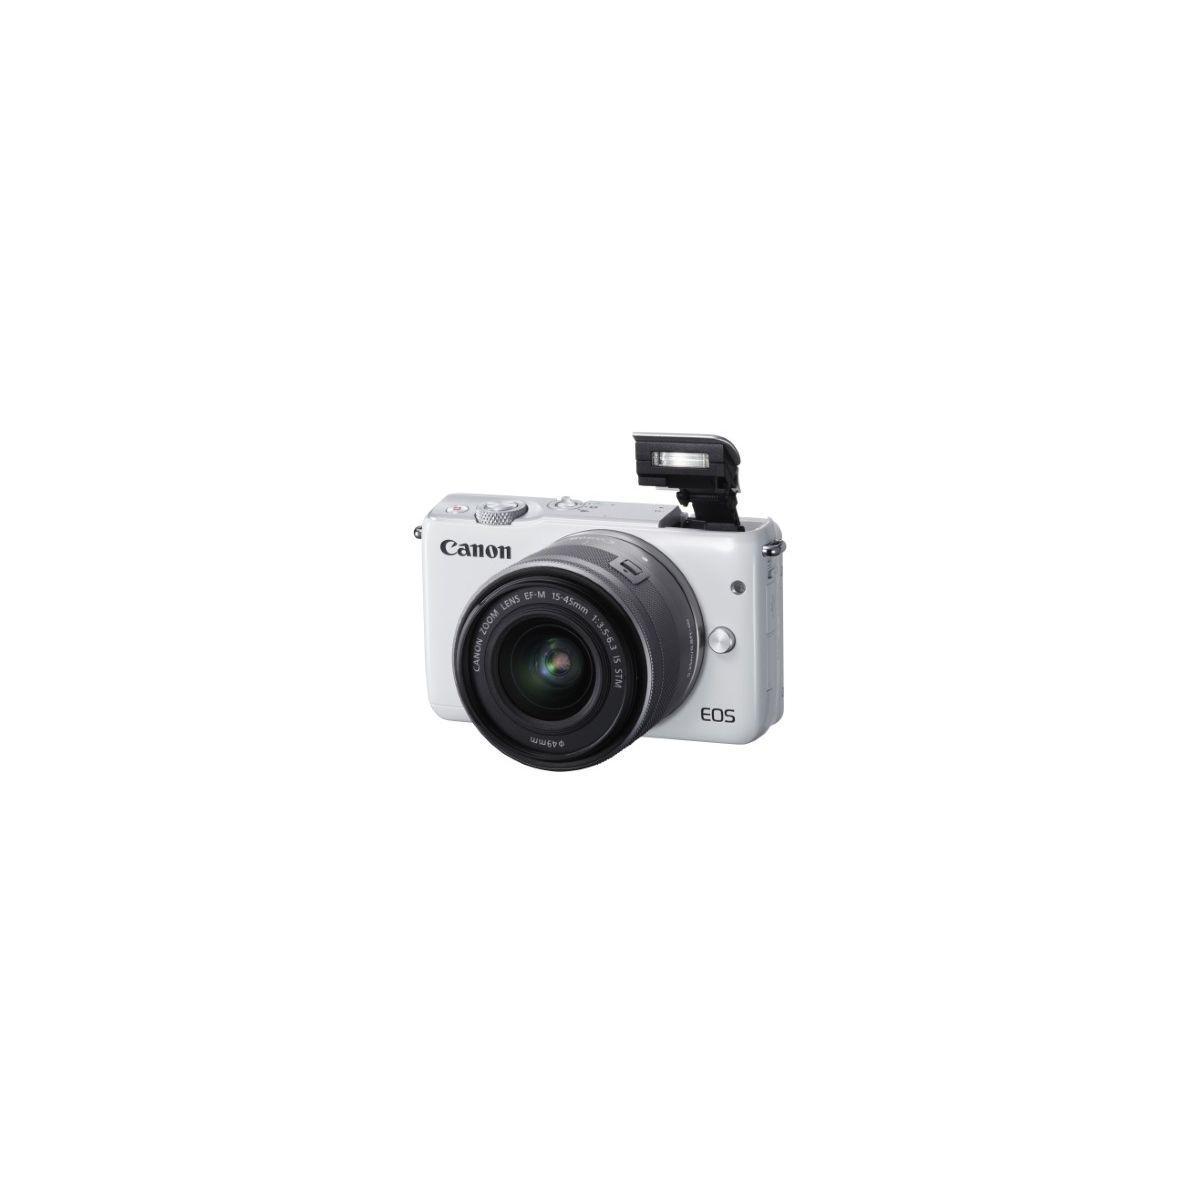 Appareil photo hybride canon eos m10 blanc + ef-m 15-45 argent - coup de coeur de l'équipe (photo)